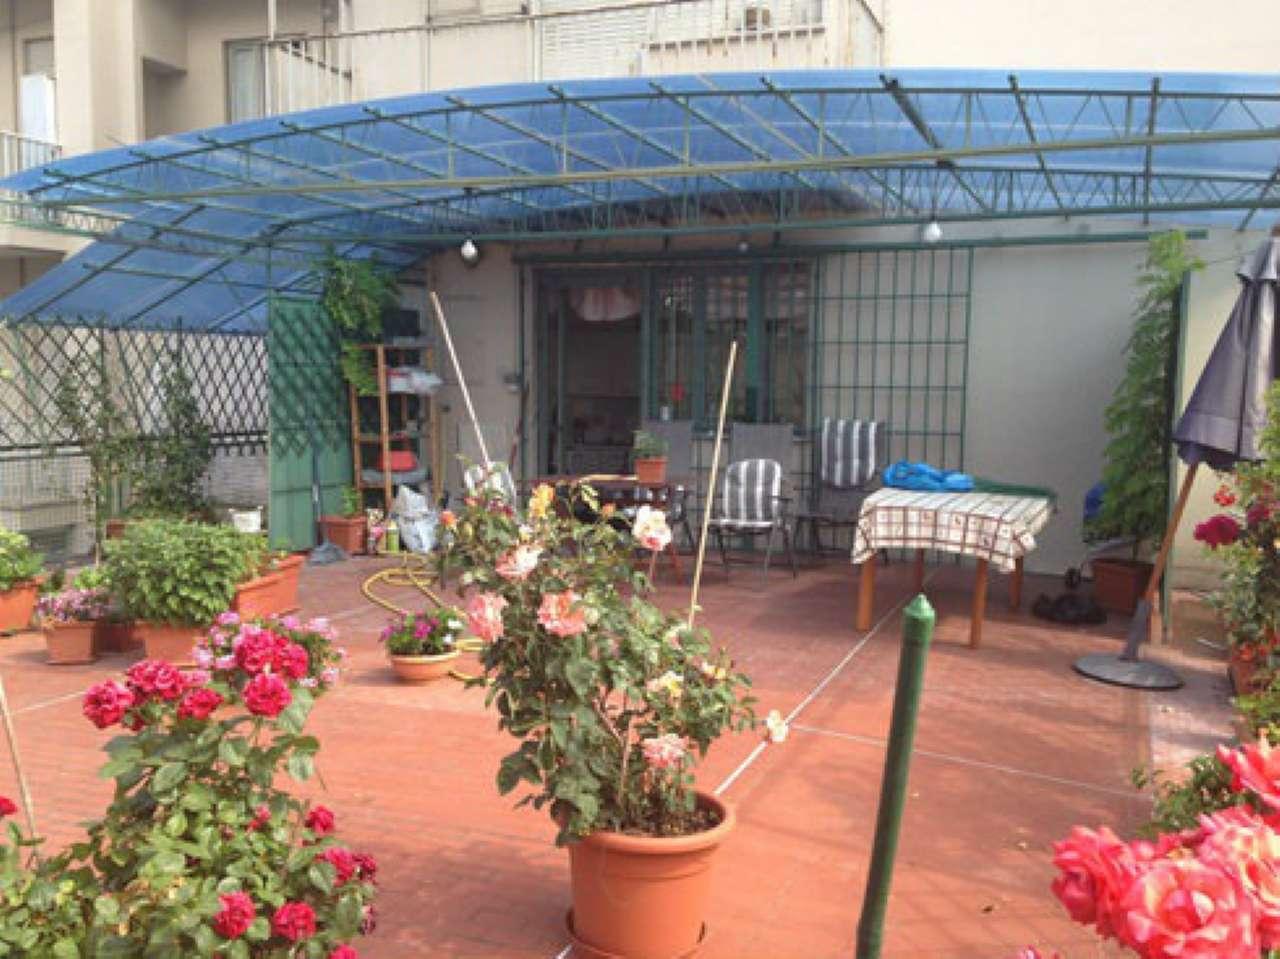 Attico / Mansarda in affitto a Torino, 4 locali, zona Zona: 8 . San Paolo, Cenisia, prezzo € 850   Cambio Casa.it